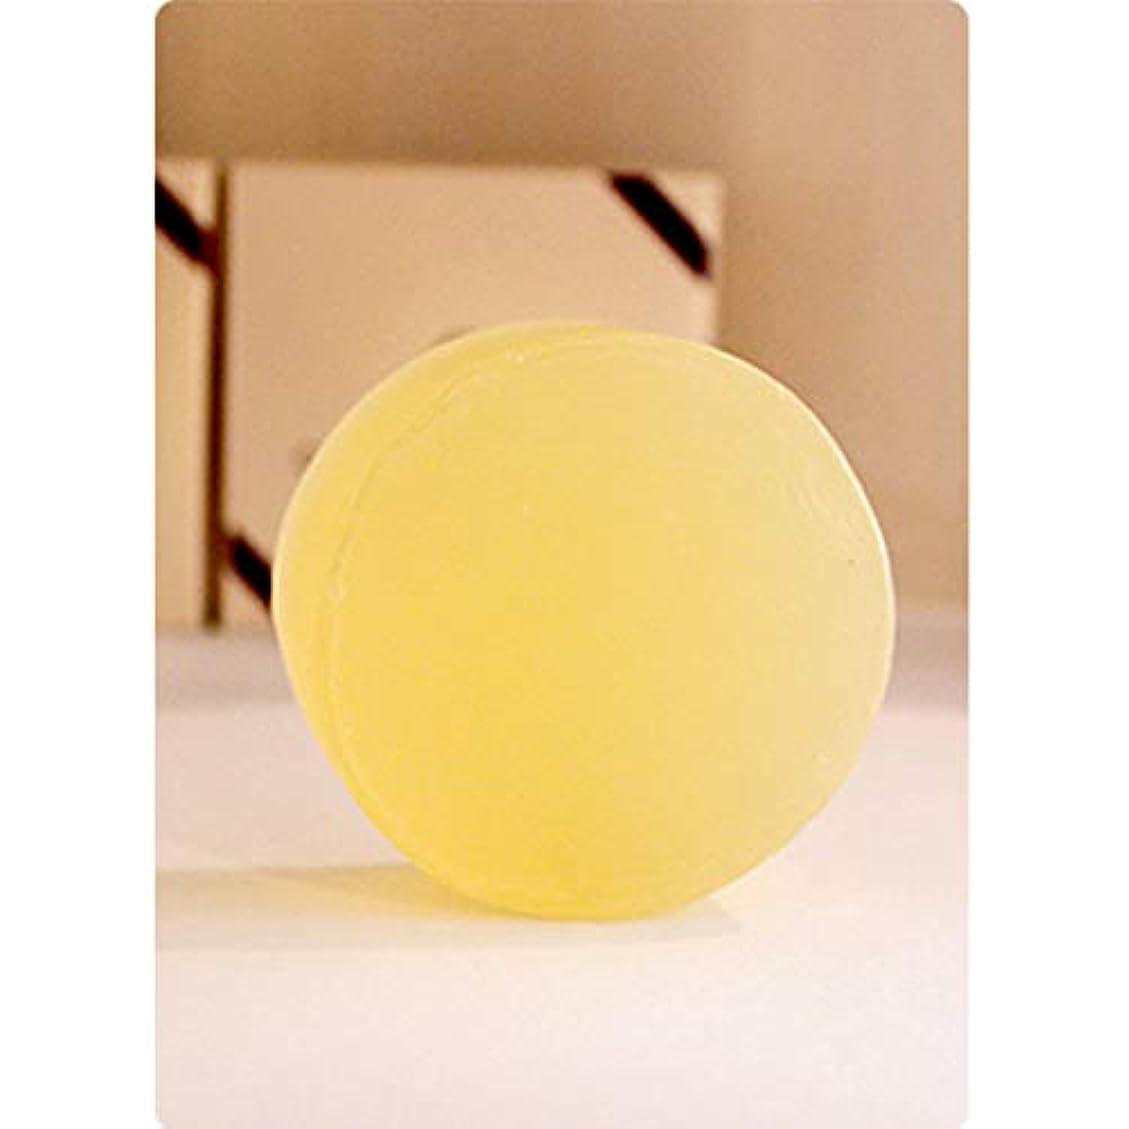 ハンドブック大胆素晴らしい良い多くのコラーゲンアロマソープ 80g×3本 香りよく一日の疲れを癒してくれるアロマ石鹸